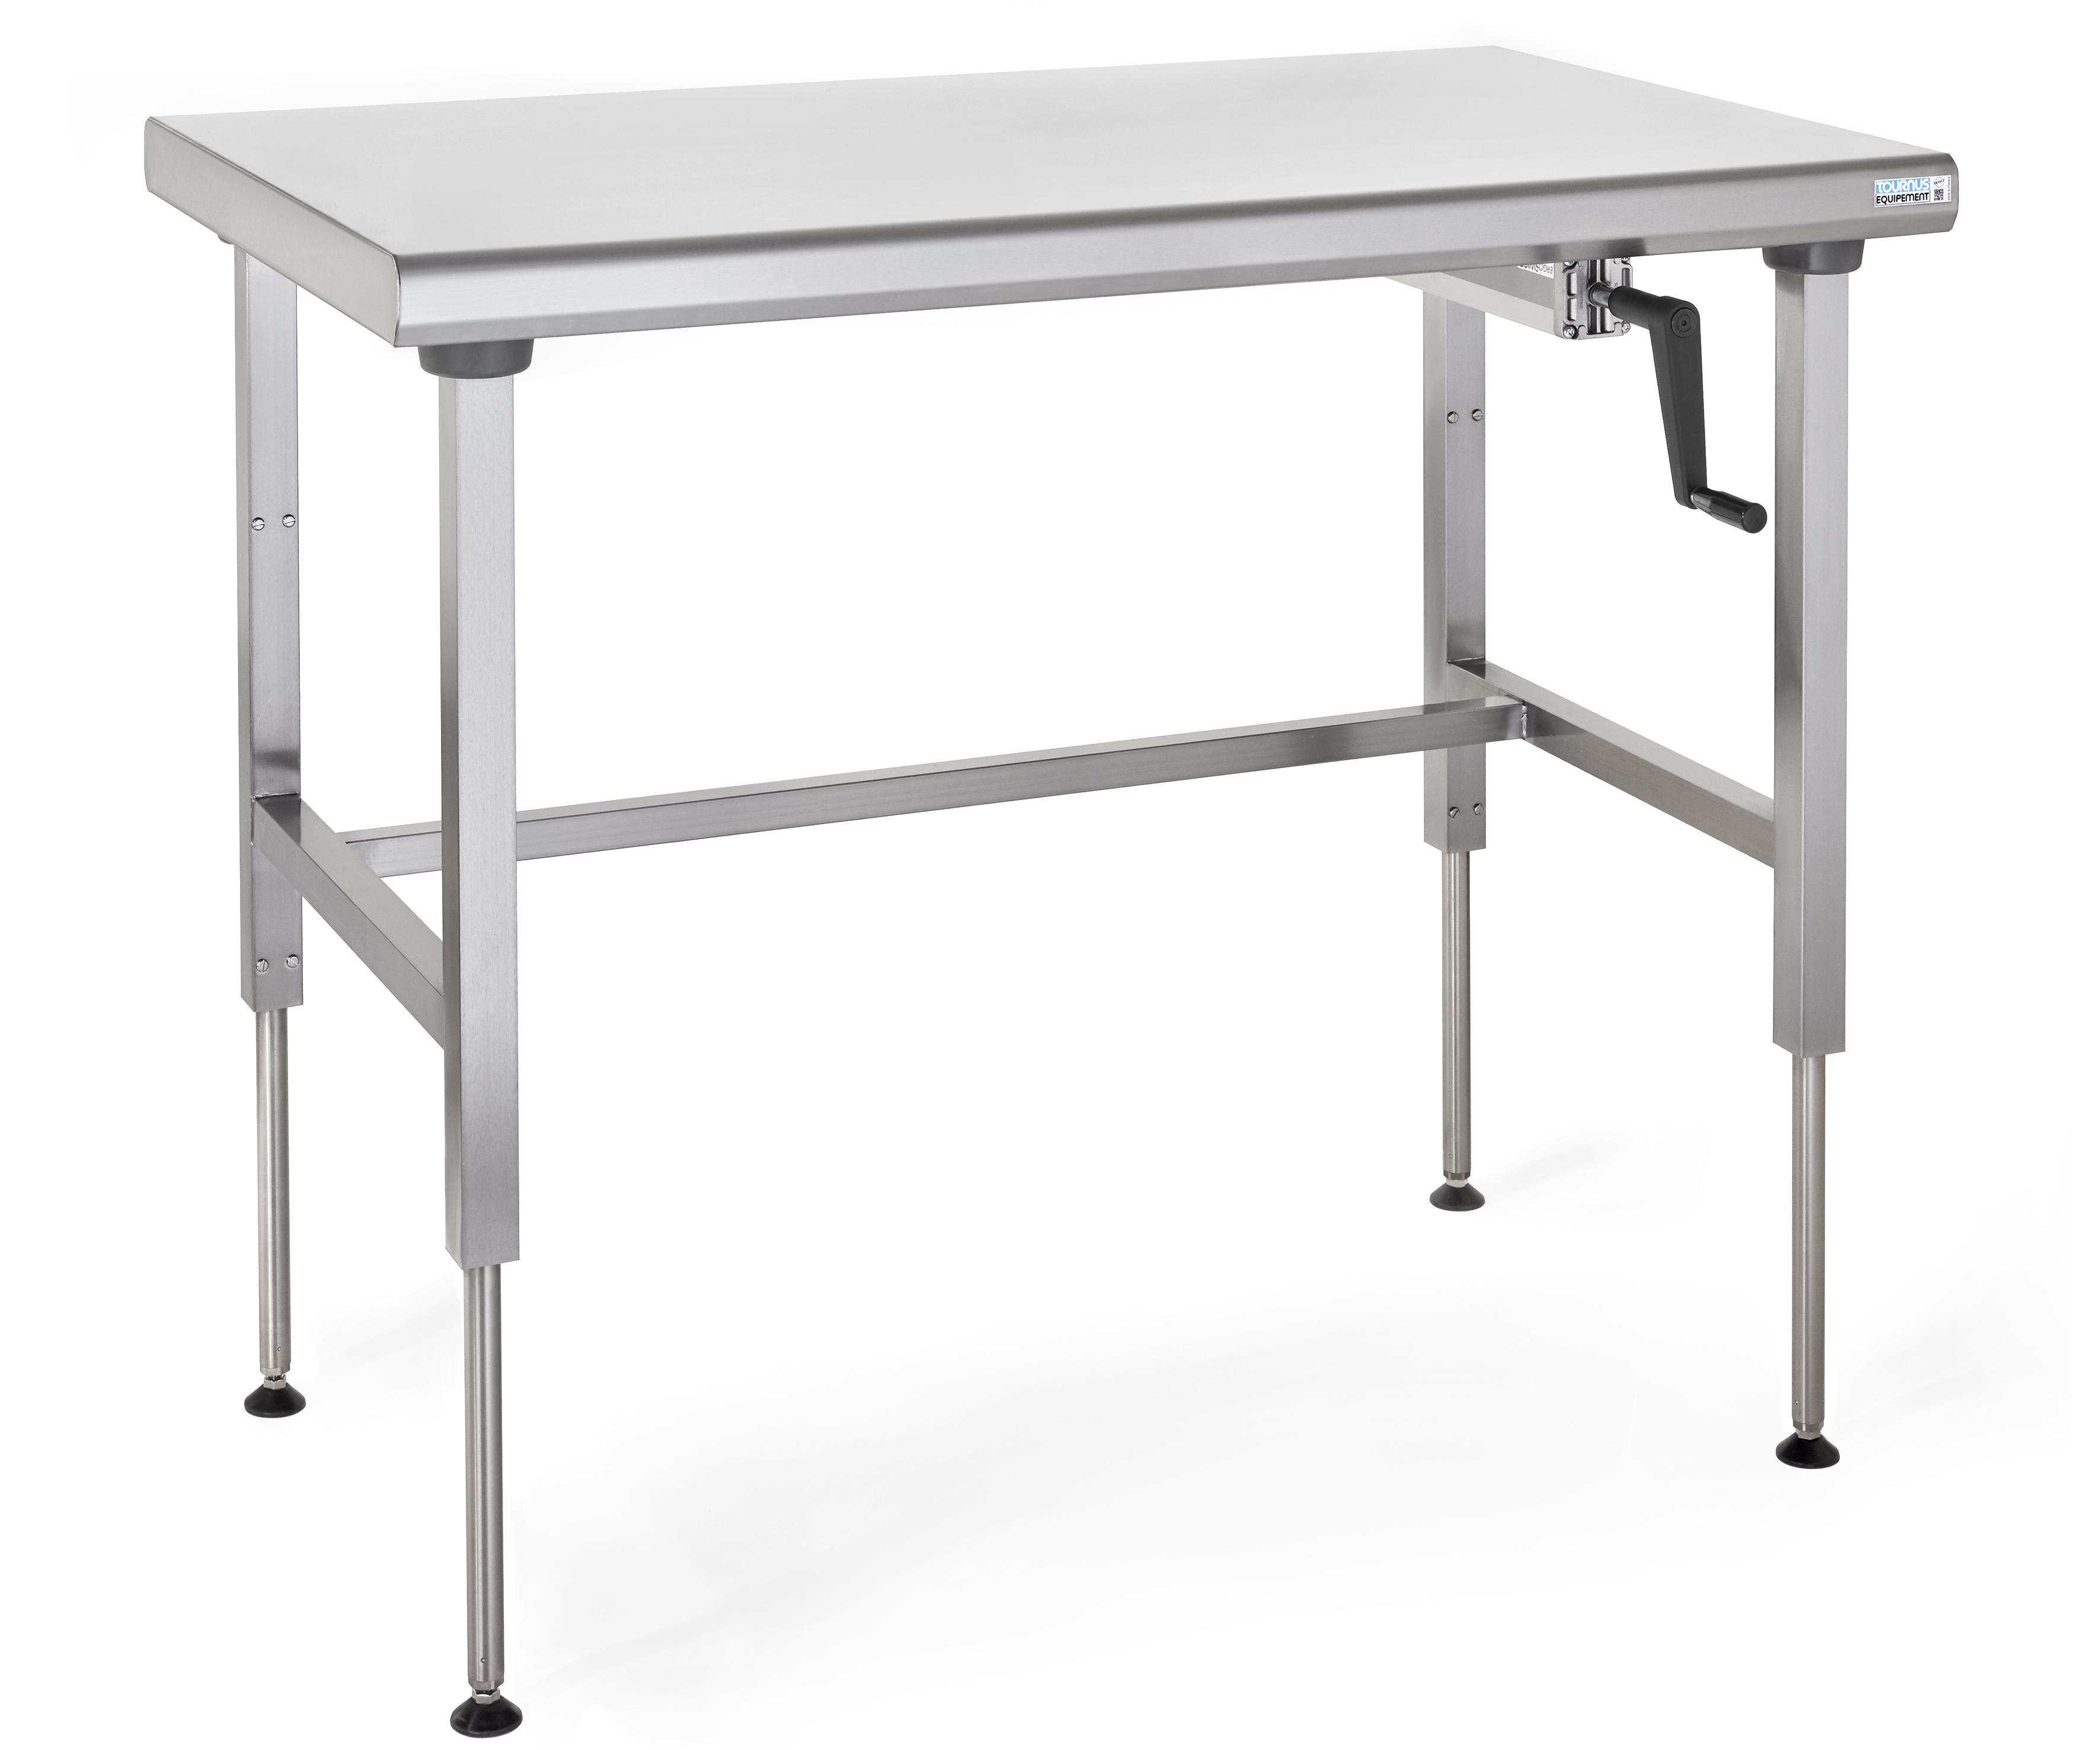 Table Ergonomix 9 cm en inox à hauteur réglable - MJPRO